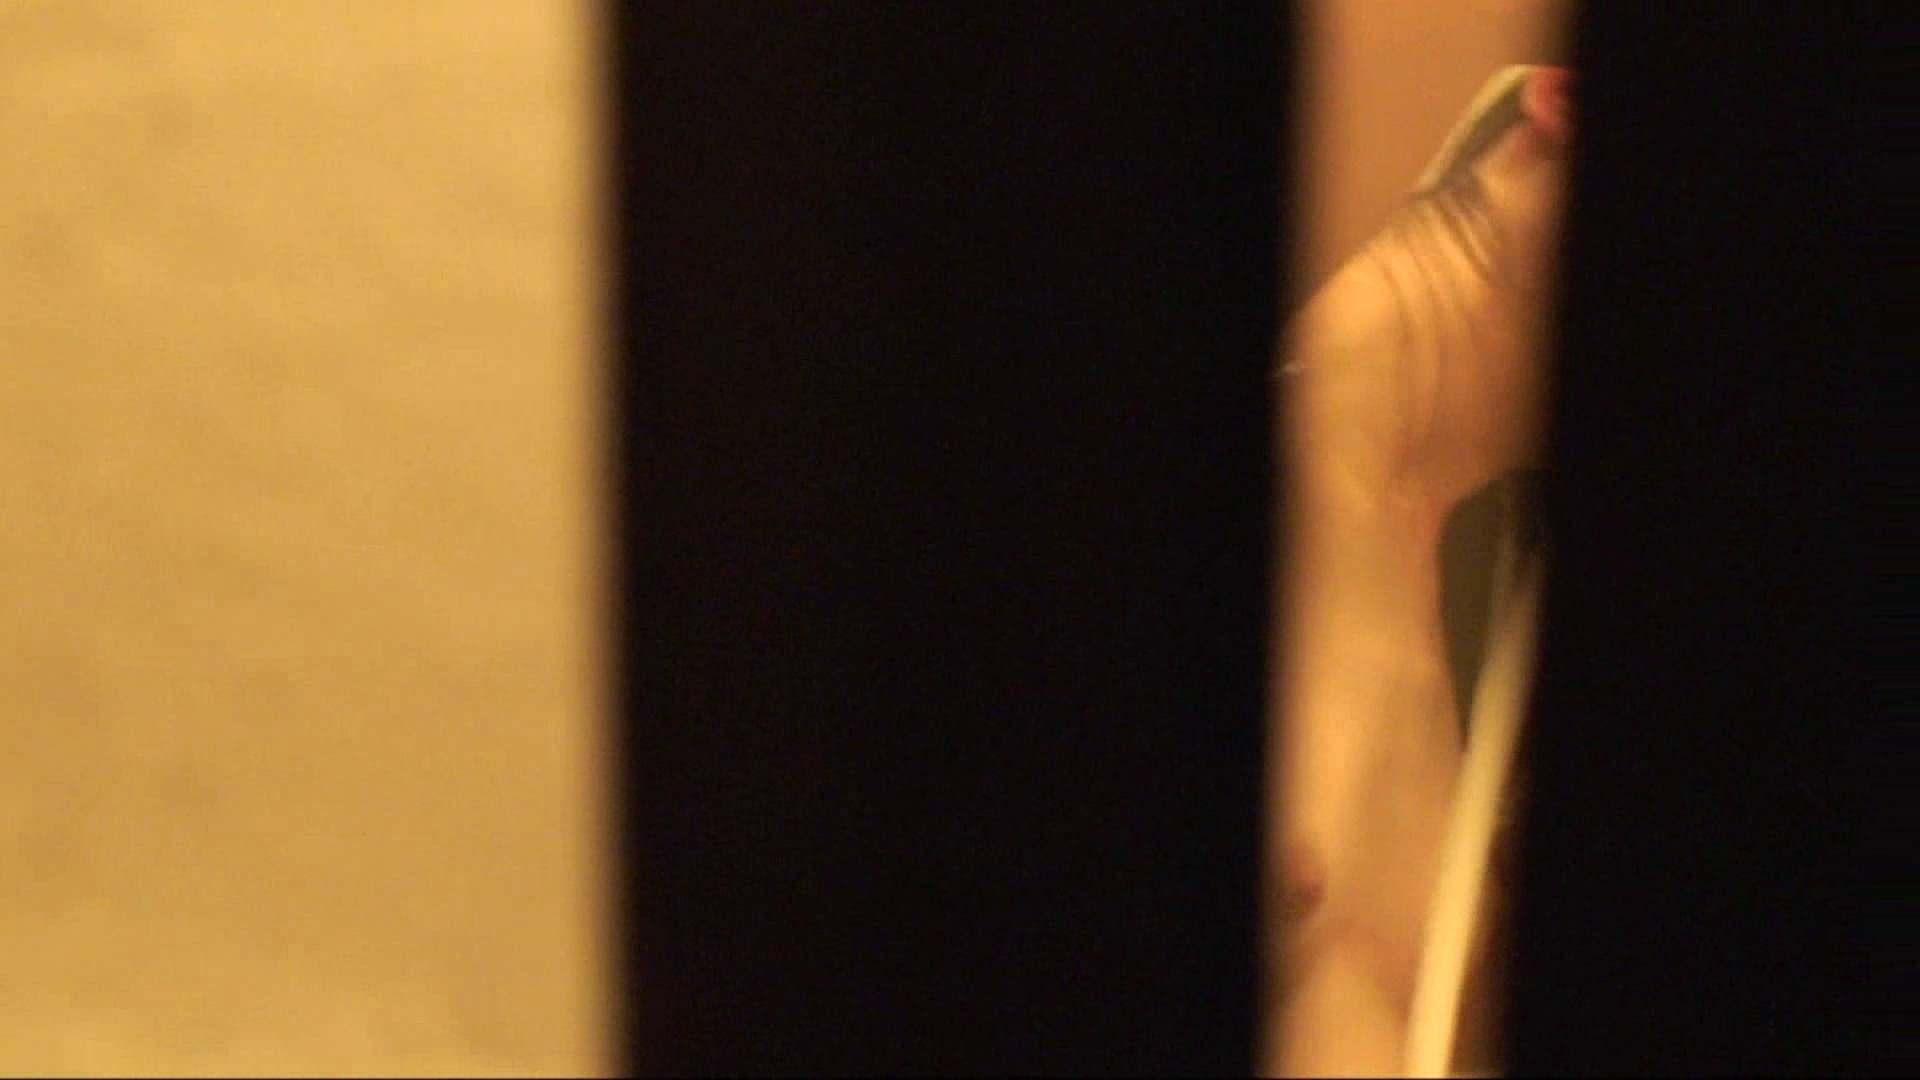 巨乳おまんこ:vol.02超可愛すぎる彼女の裸体をハイビジョンで!至近距離での眺め最高!:怪盗ジョーカー